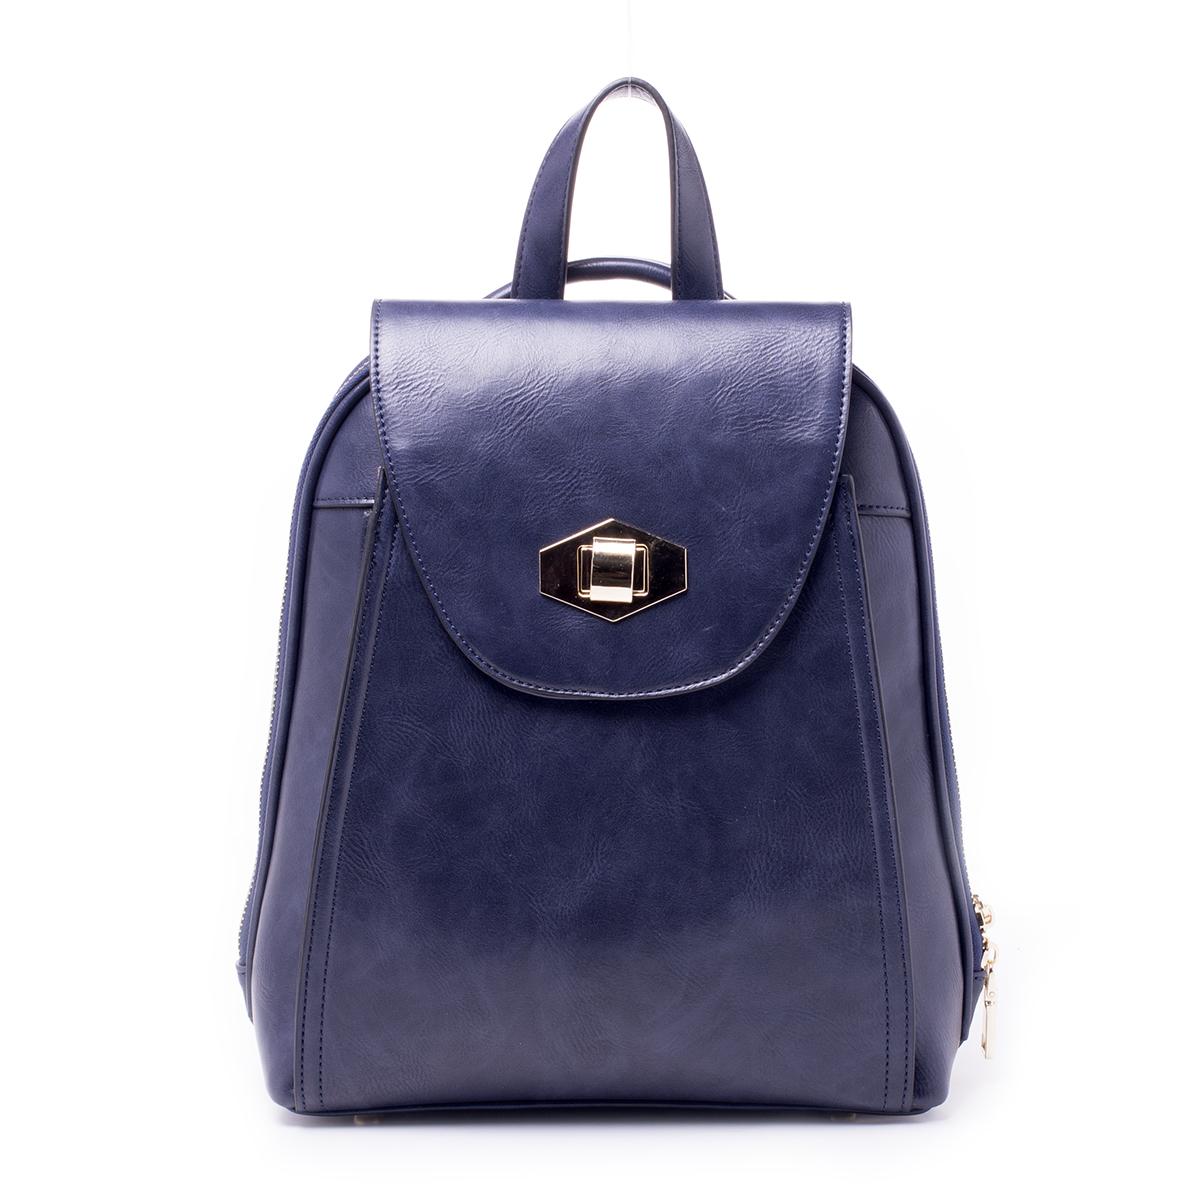 Рюкзак женский Baggini, цвет: синий. 29839/4329839/43Загрязнения на изделиях удаляется влажной мягкой тканью